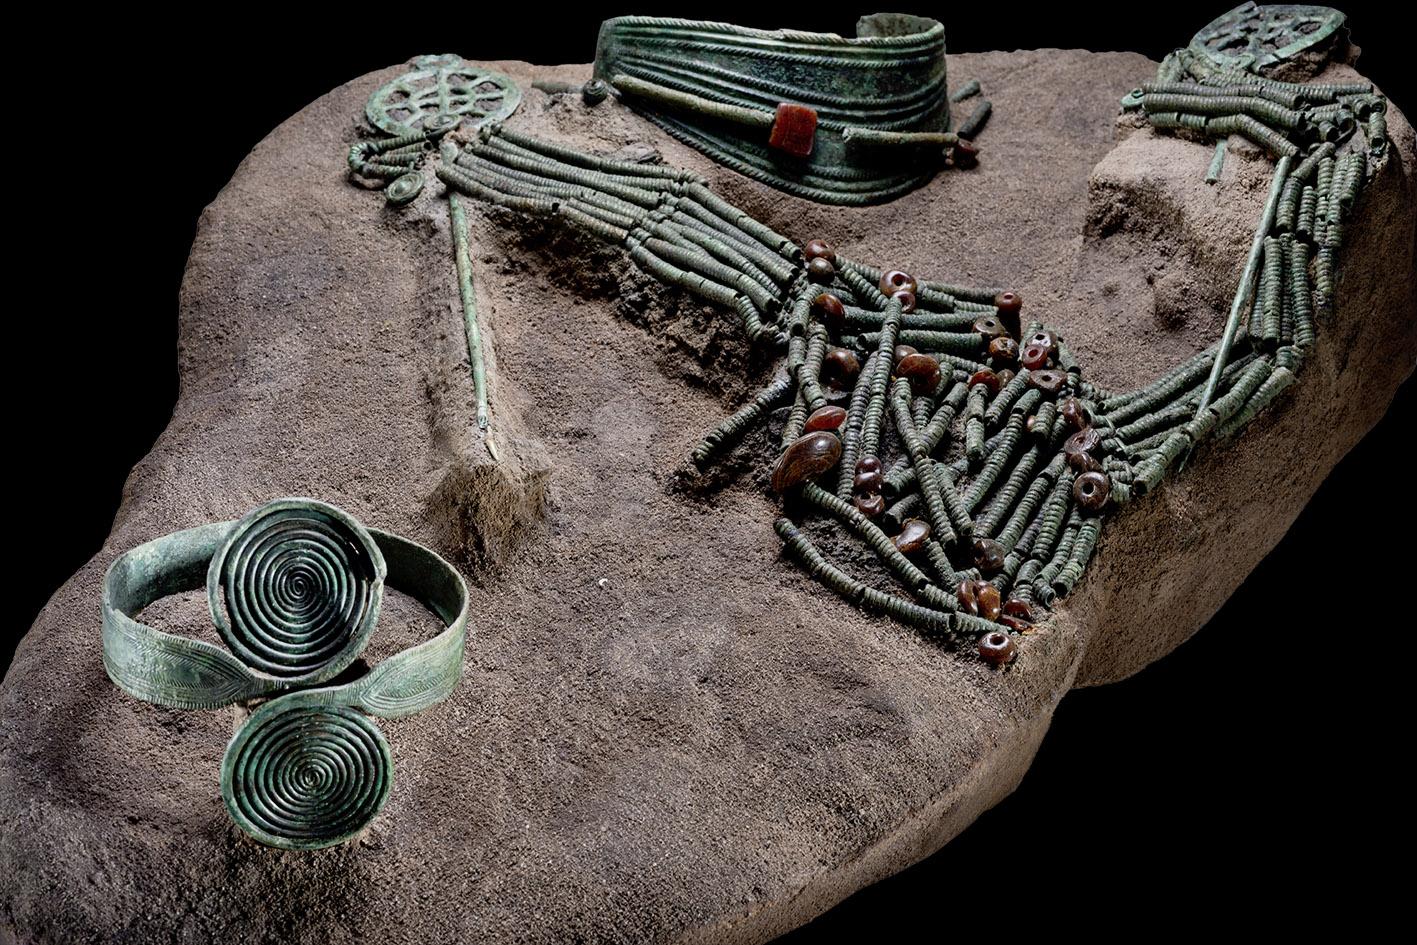 Hals- und Armschmuckgegenstände aus grün patinierter Bronze und braunen Perlen